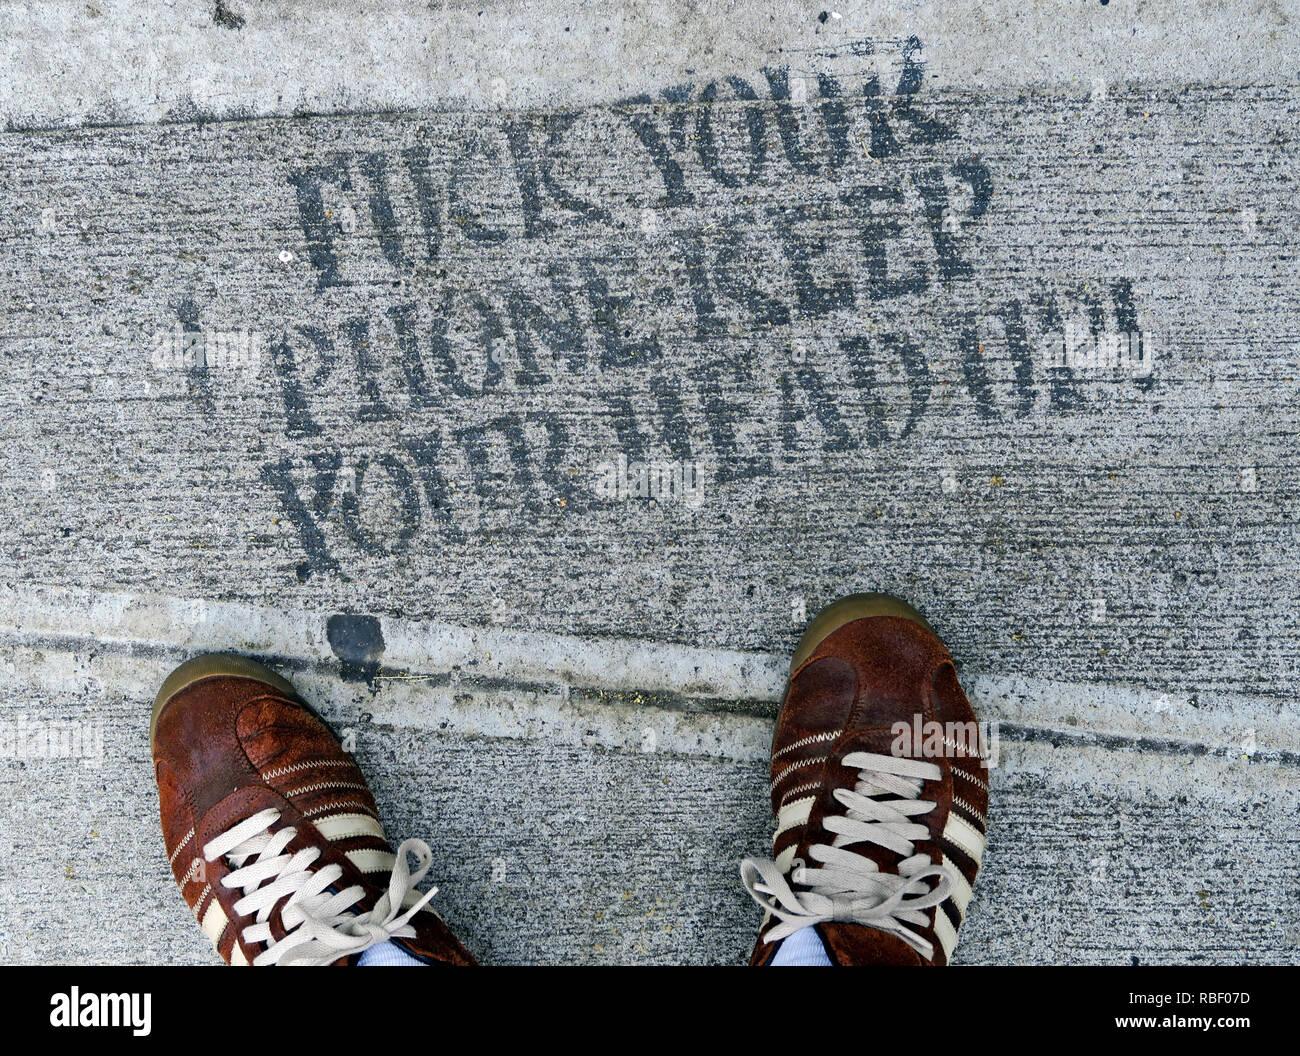 Laden Sie dieses Alamy Stockfoto Fuck Ihr Telefon, den Kopf oben, Schablone auf Pflaster, mit Füßen in Adidas Trainer, Chinatown, New York City, New York City, NY, USA - RBF07D